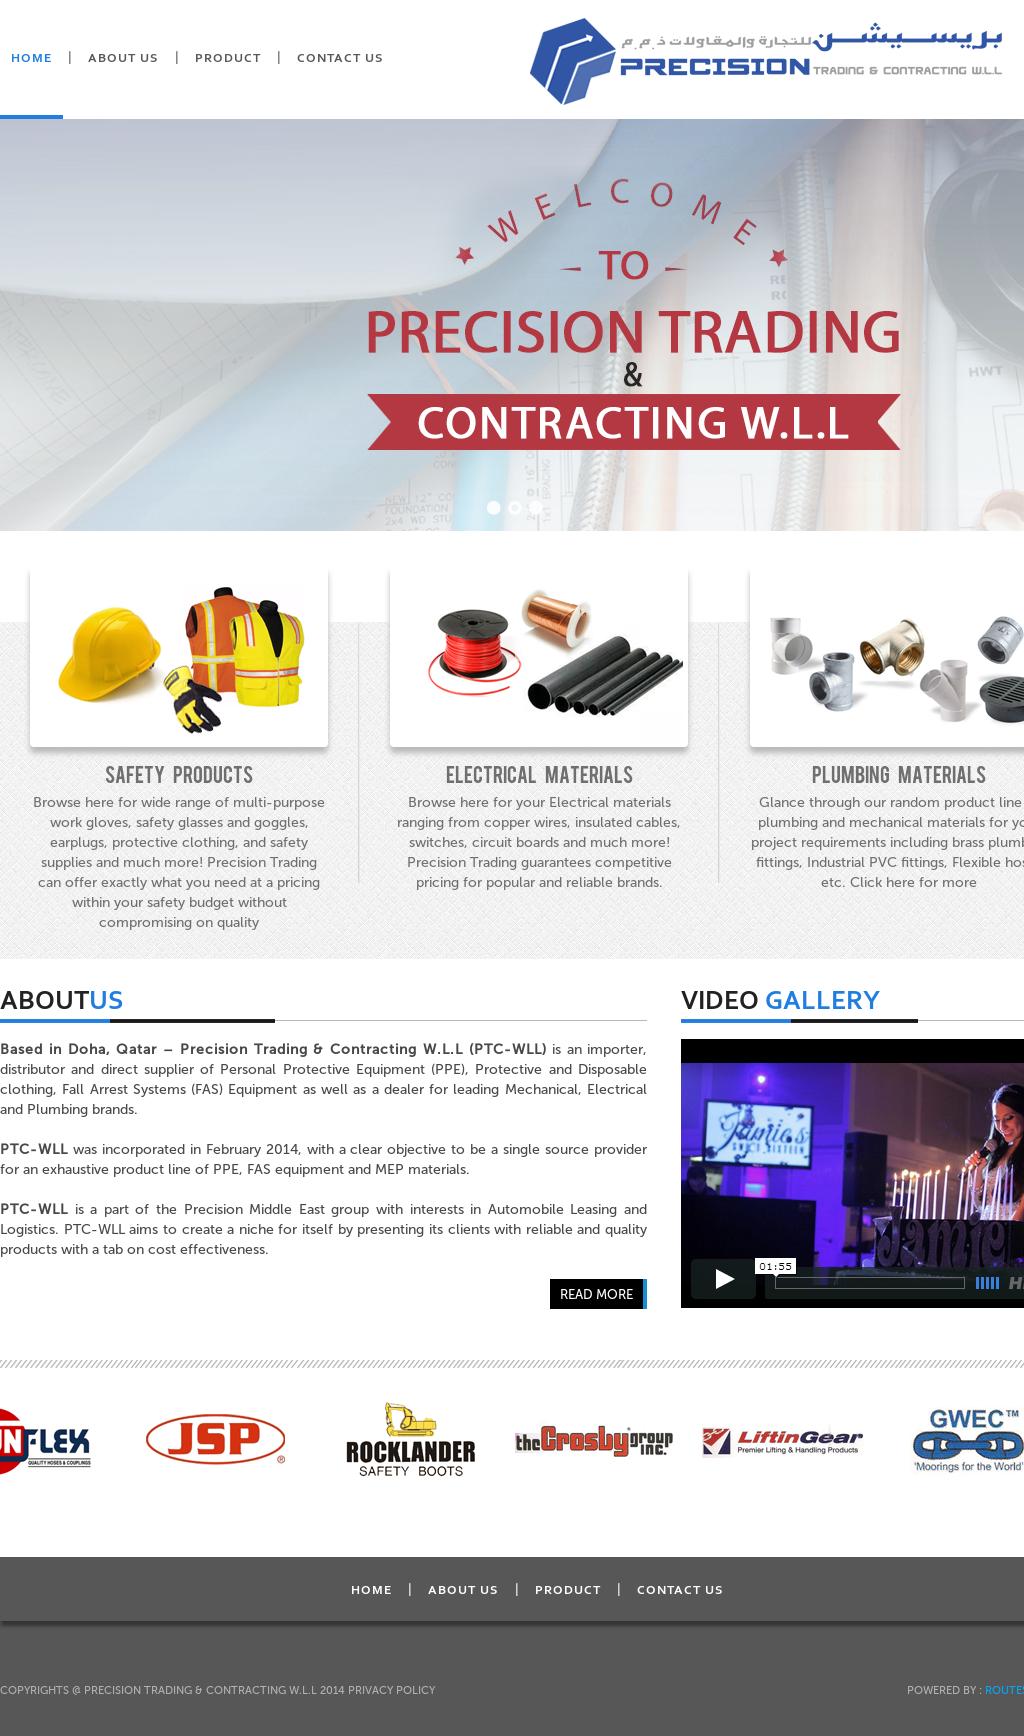 Precision Trading & Contracting W.l.l Competitors, Revenue and ...